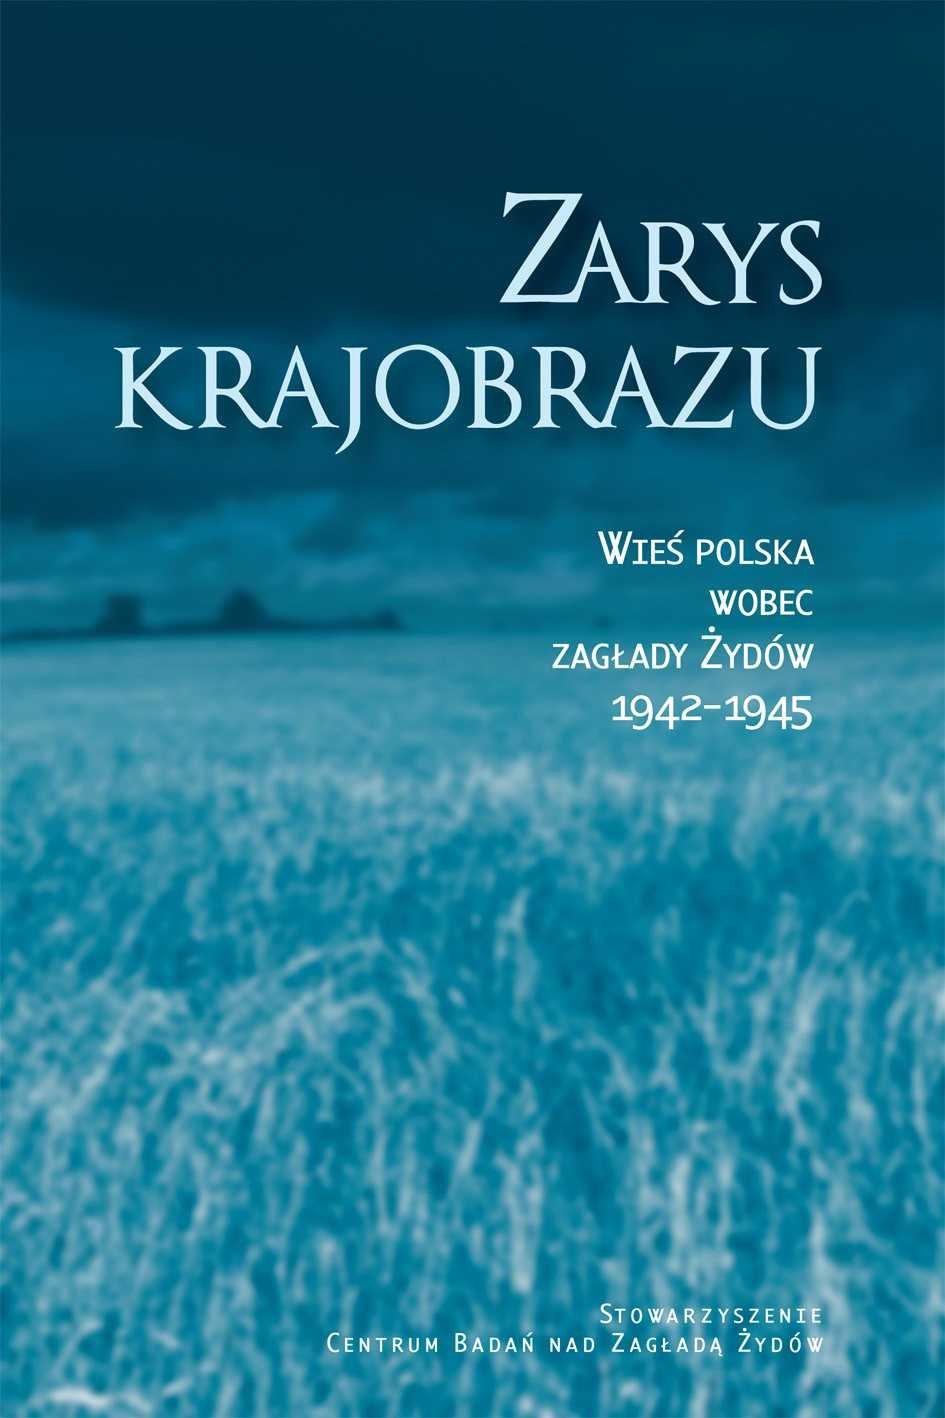 Zarys krajobrazu. Wieś polska wobec zagłady Żydów 1942–1945 - Ebook (Książka na Kindle) do pobrania w formacie MOBI